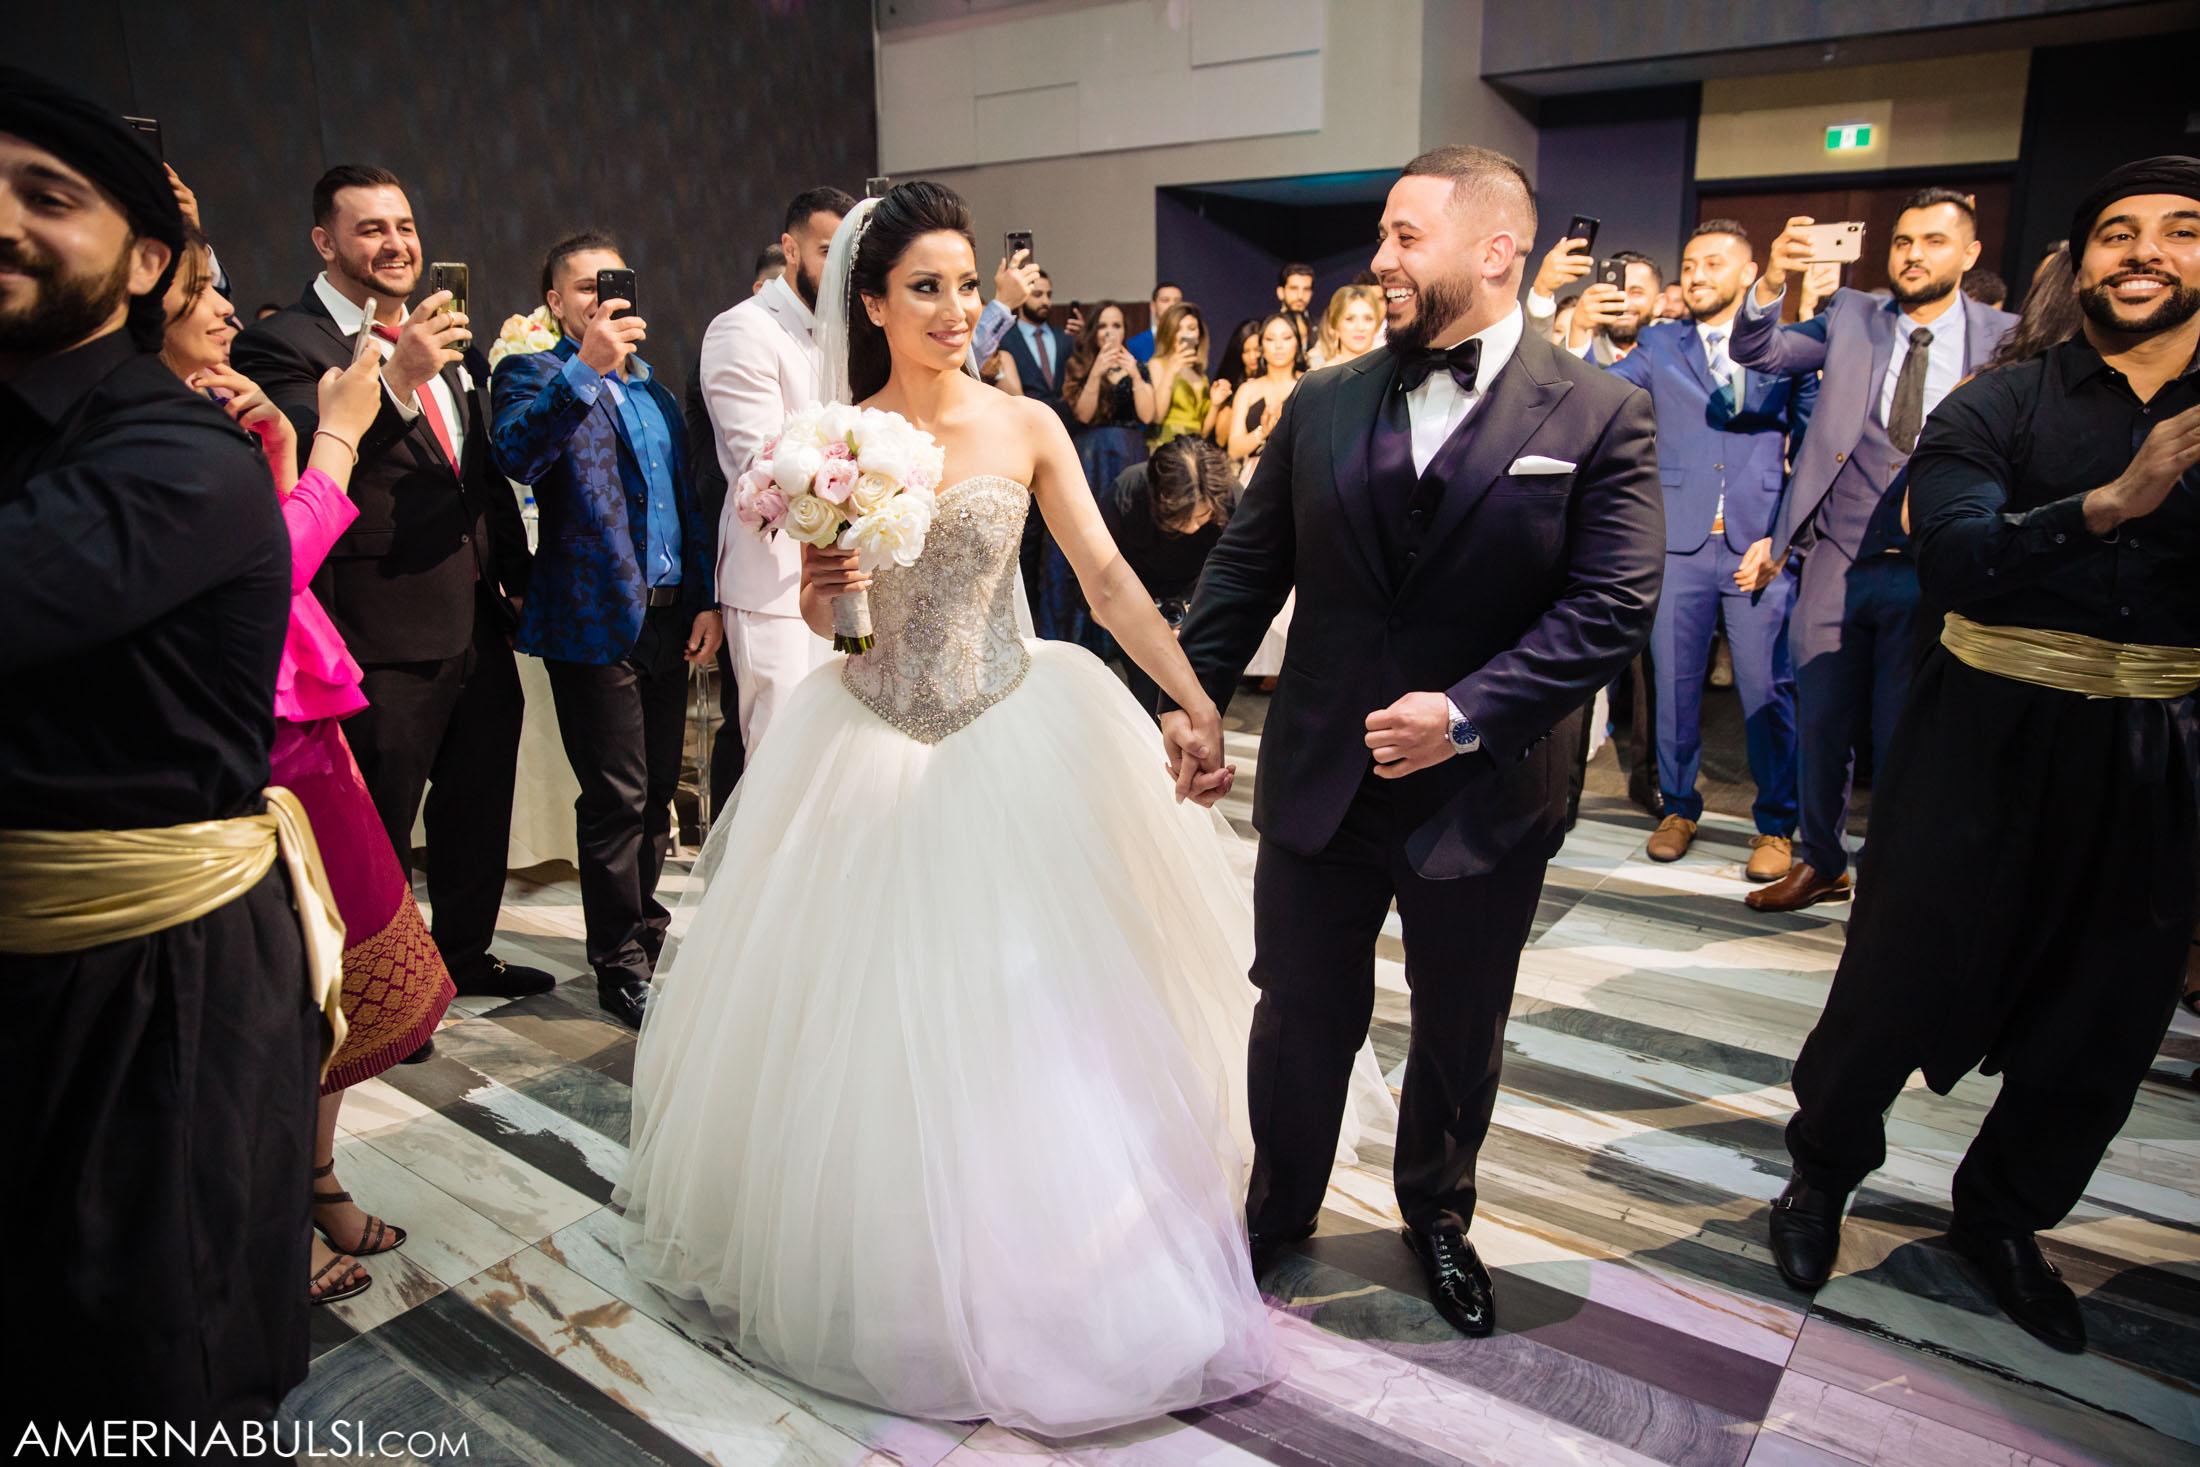 Antalya'da bir düğünde gelinle damada kripto para takıldı